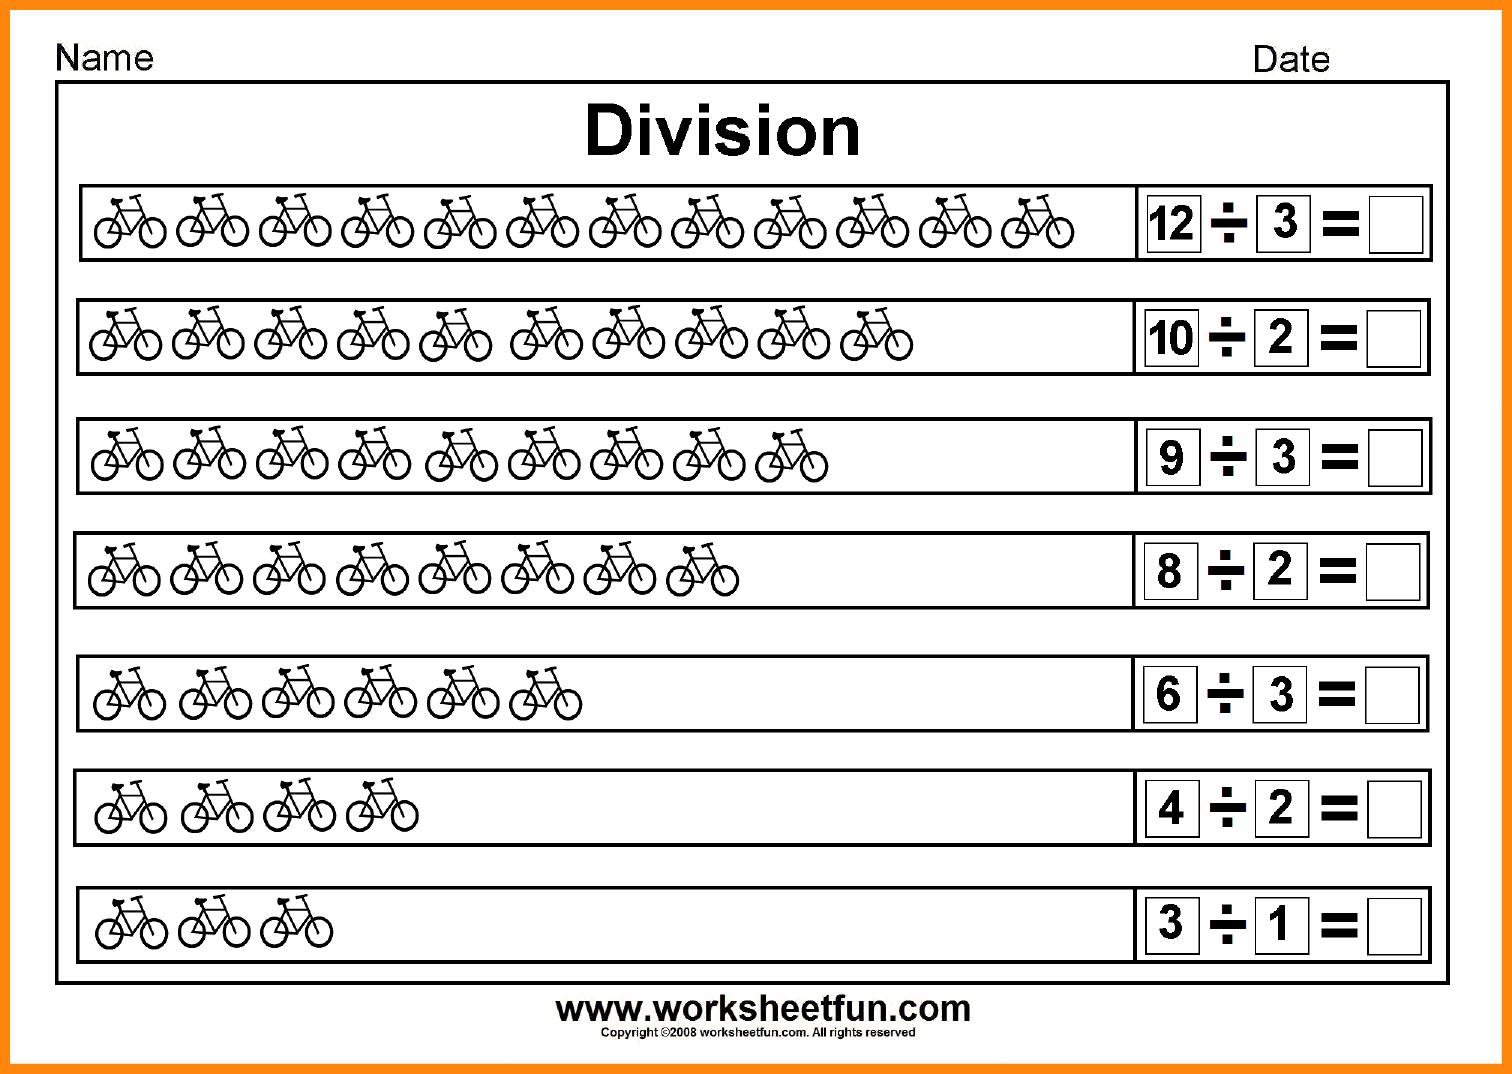 28 Division Worksheets Beginner